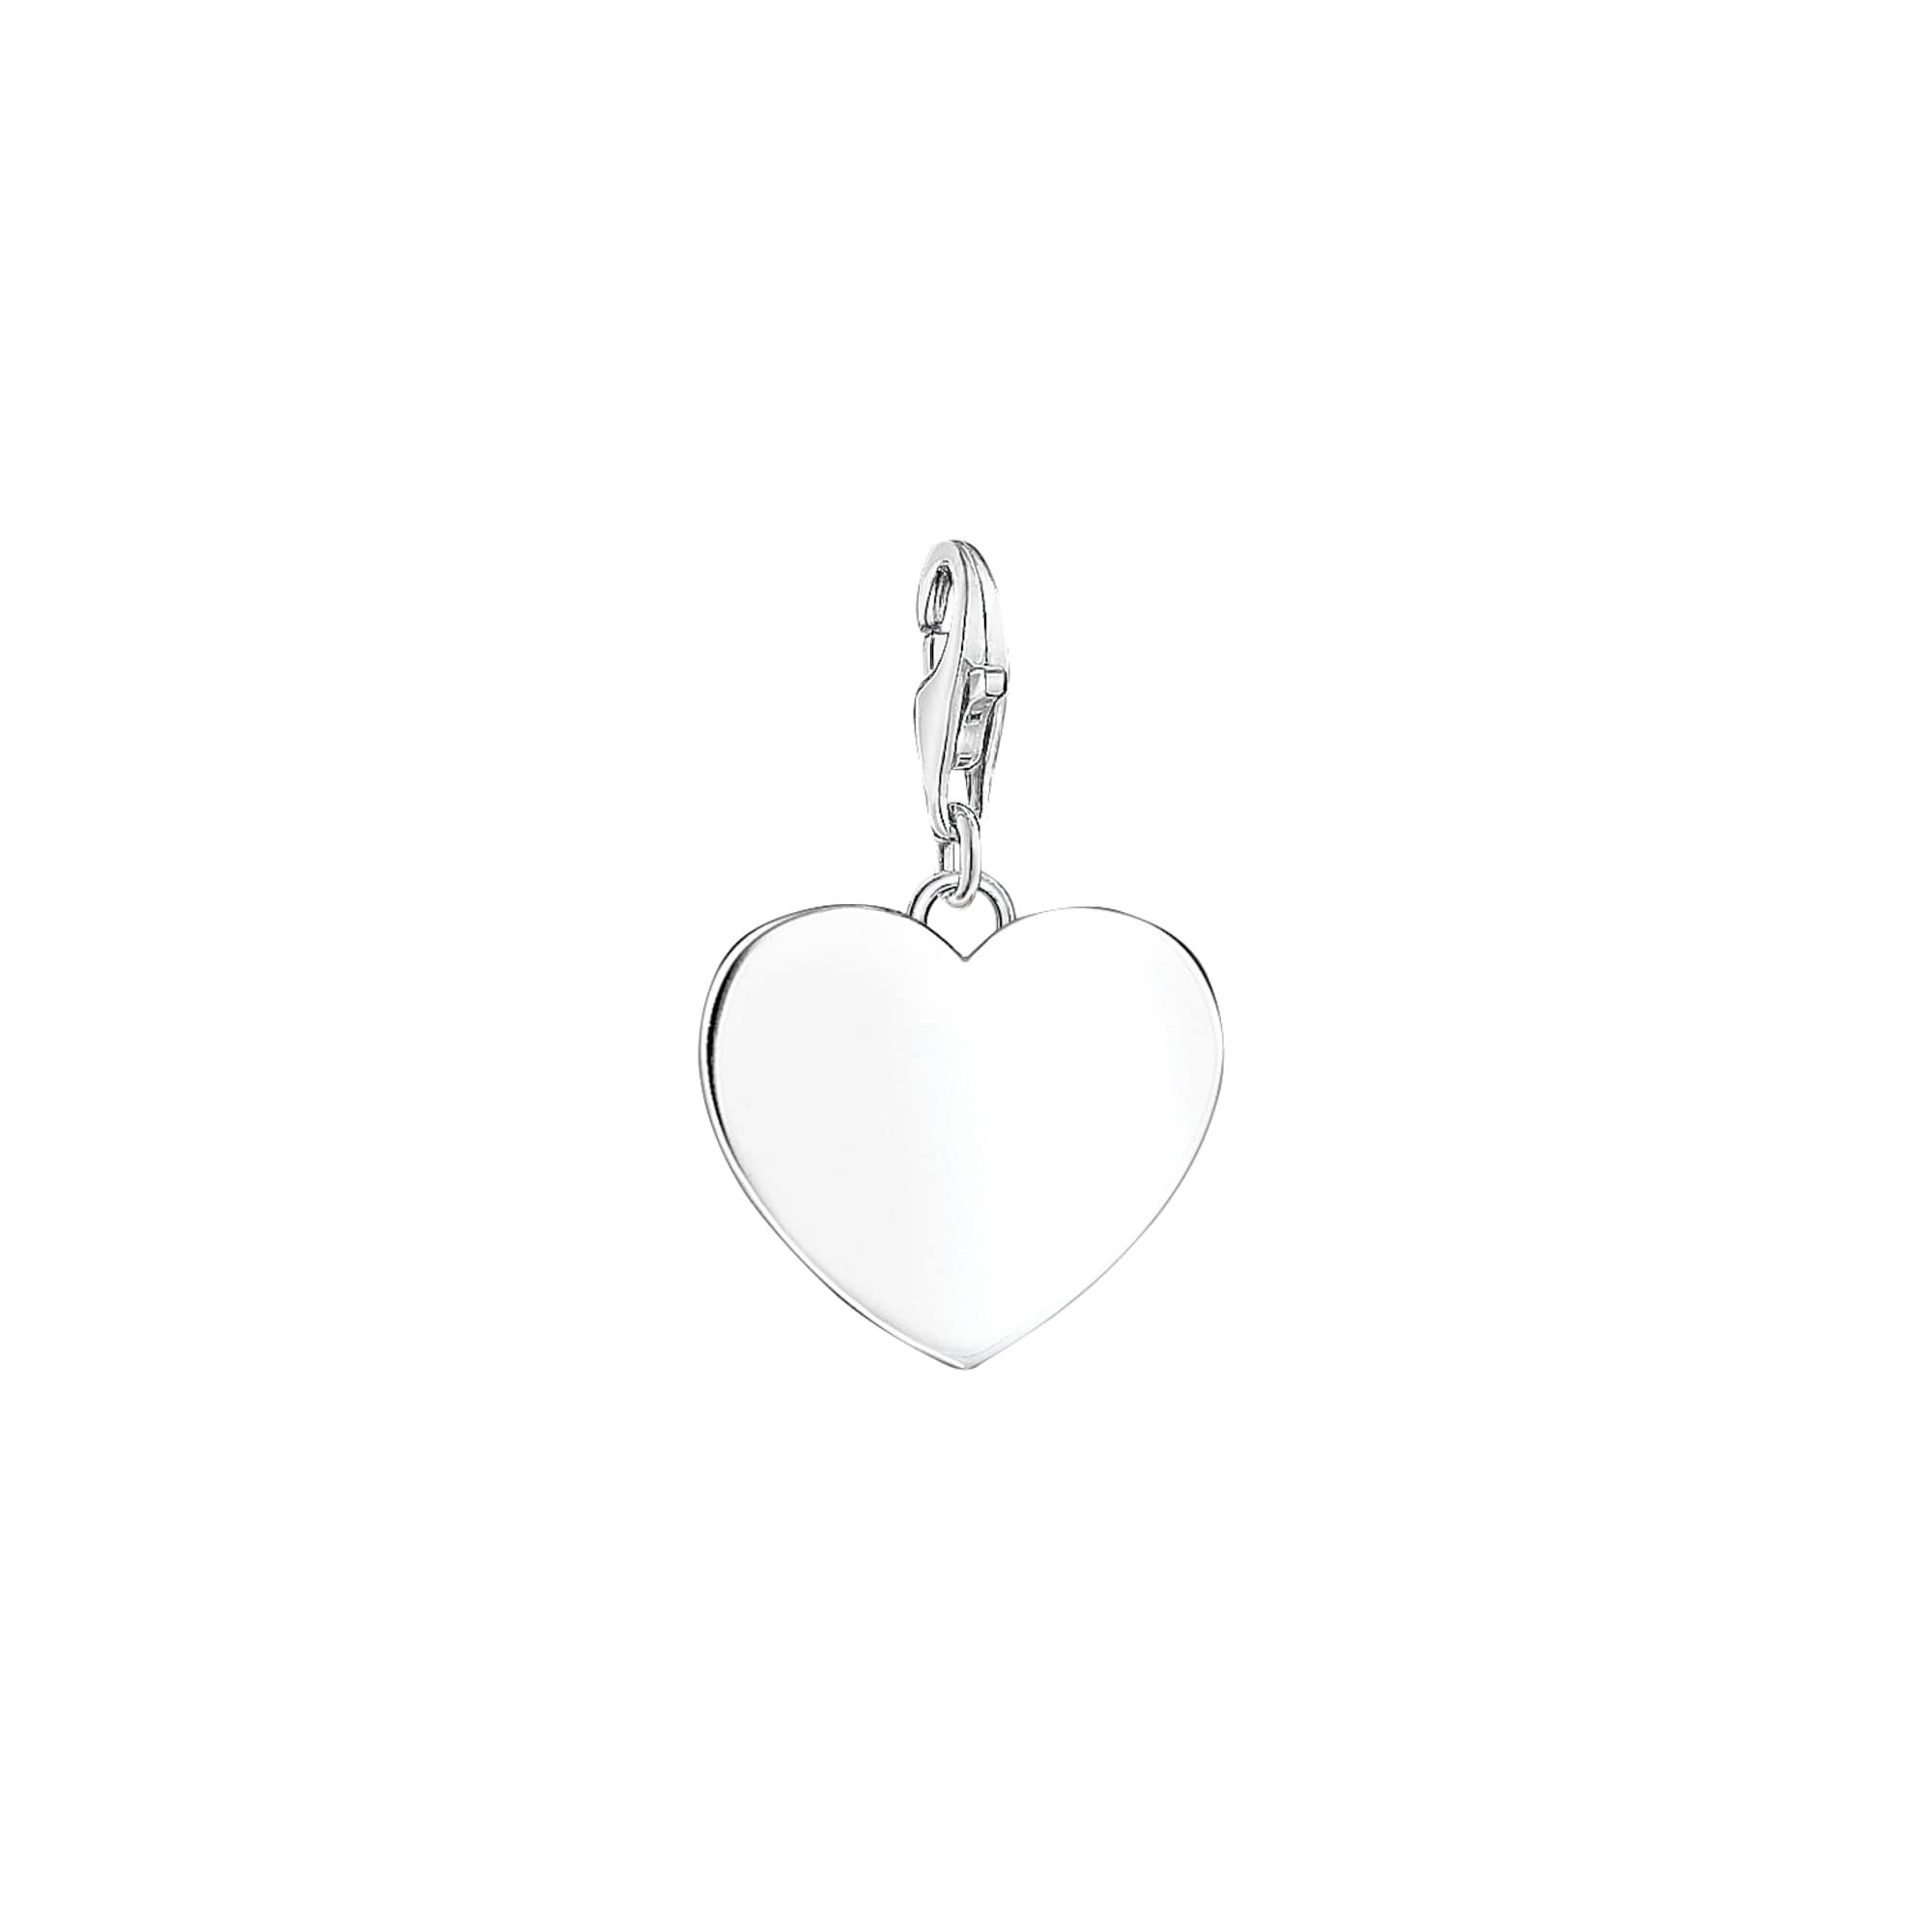 Charm-Anhänger 'Herz' | Schmuck > Halsketten > Herzketten | Silber | Thomas Sabo